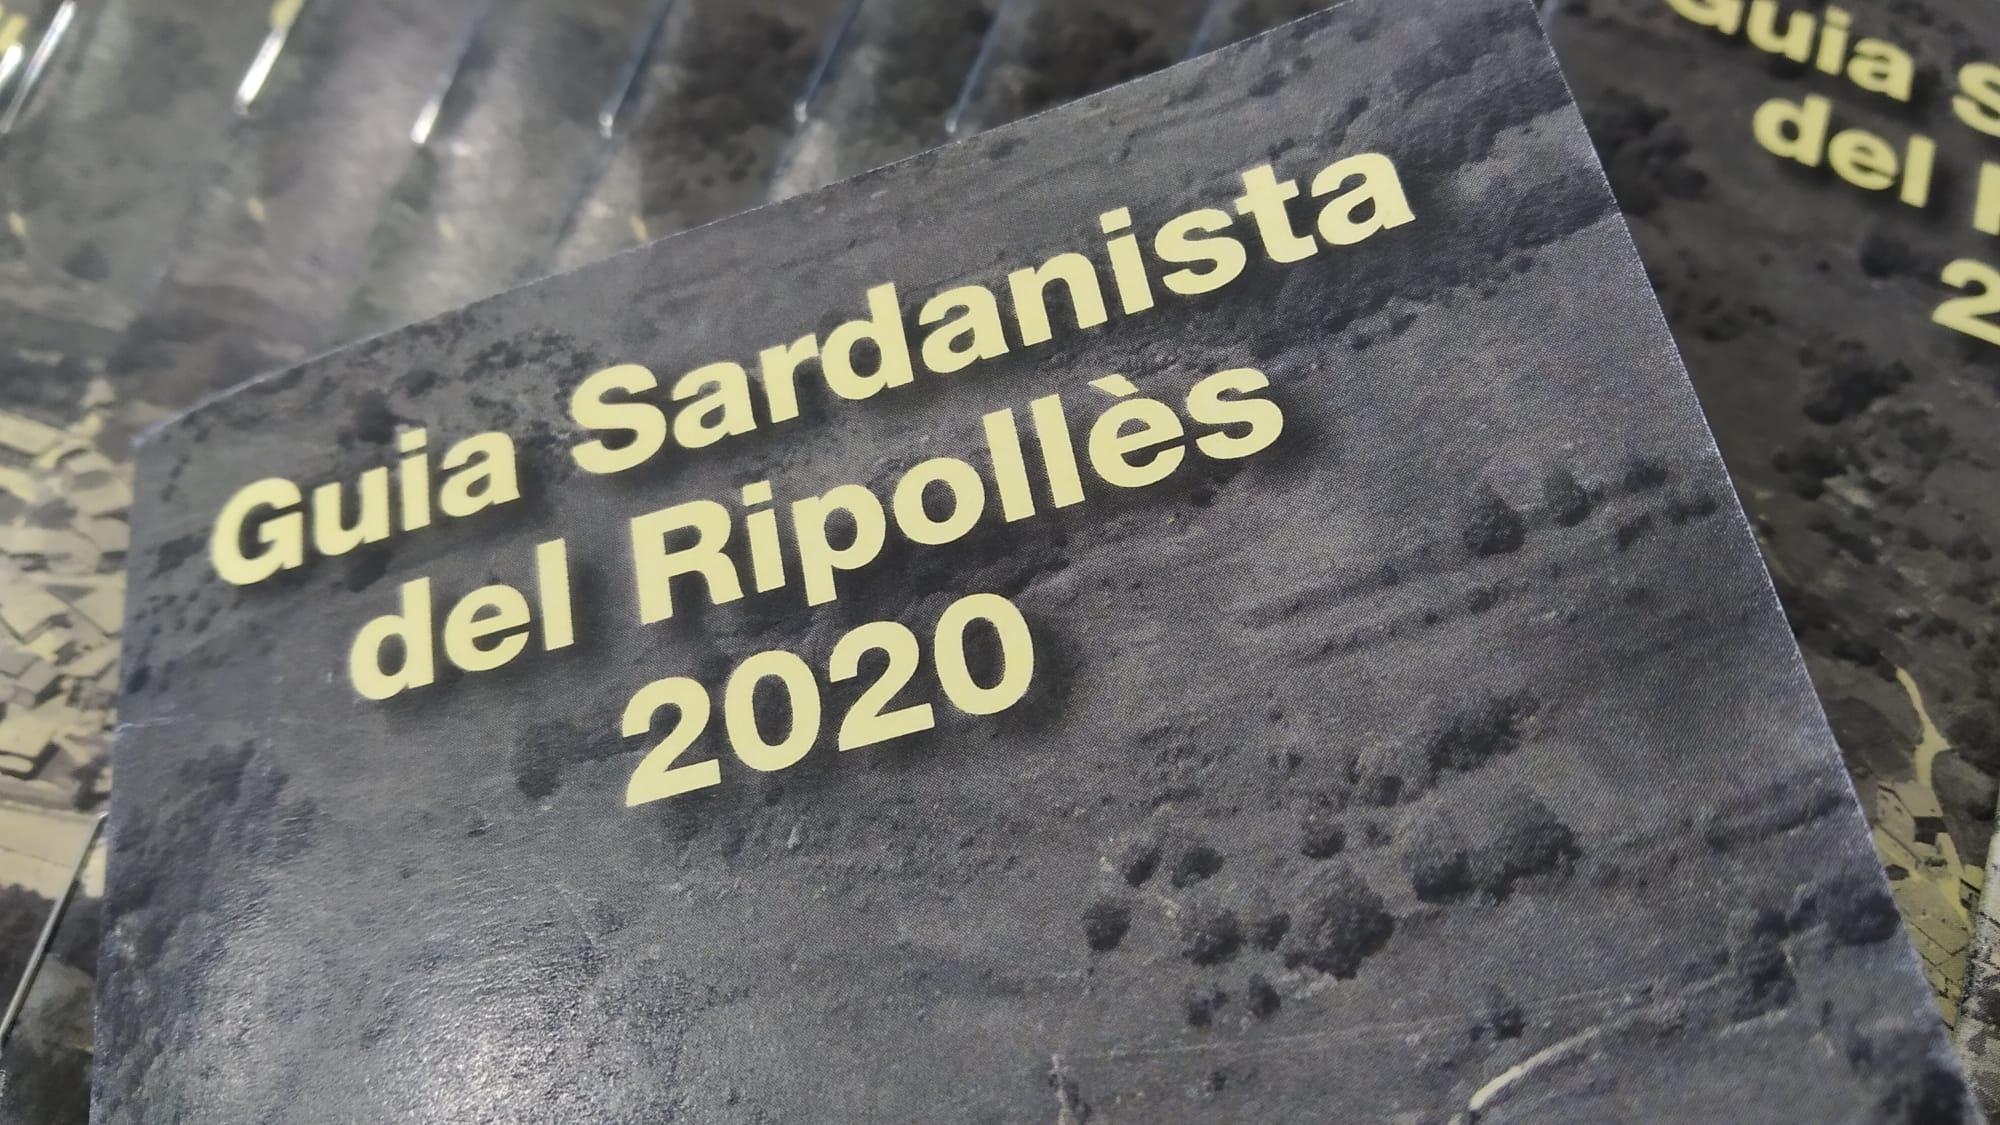 guia-sardanista-ripolles-2020